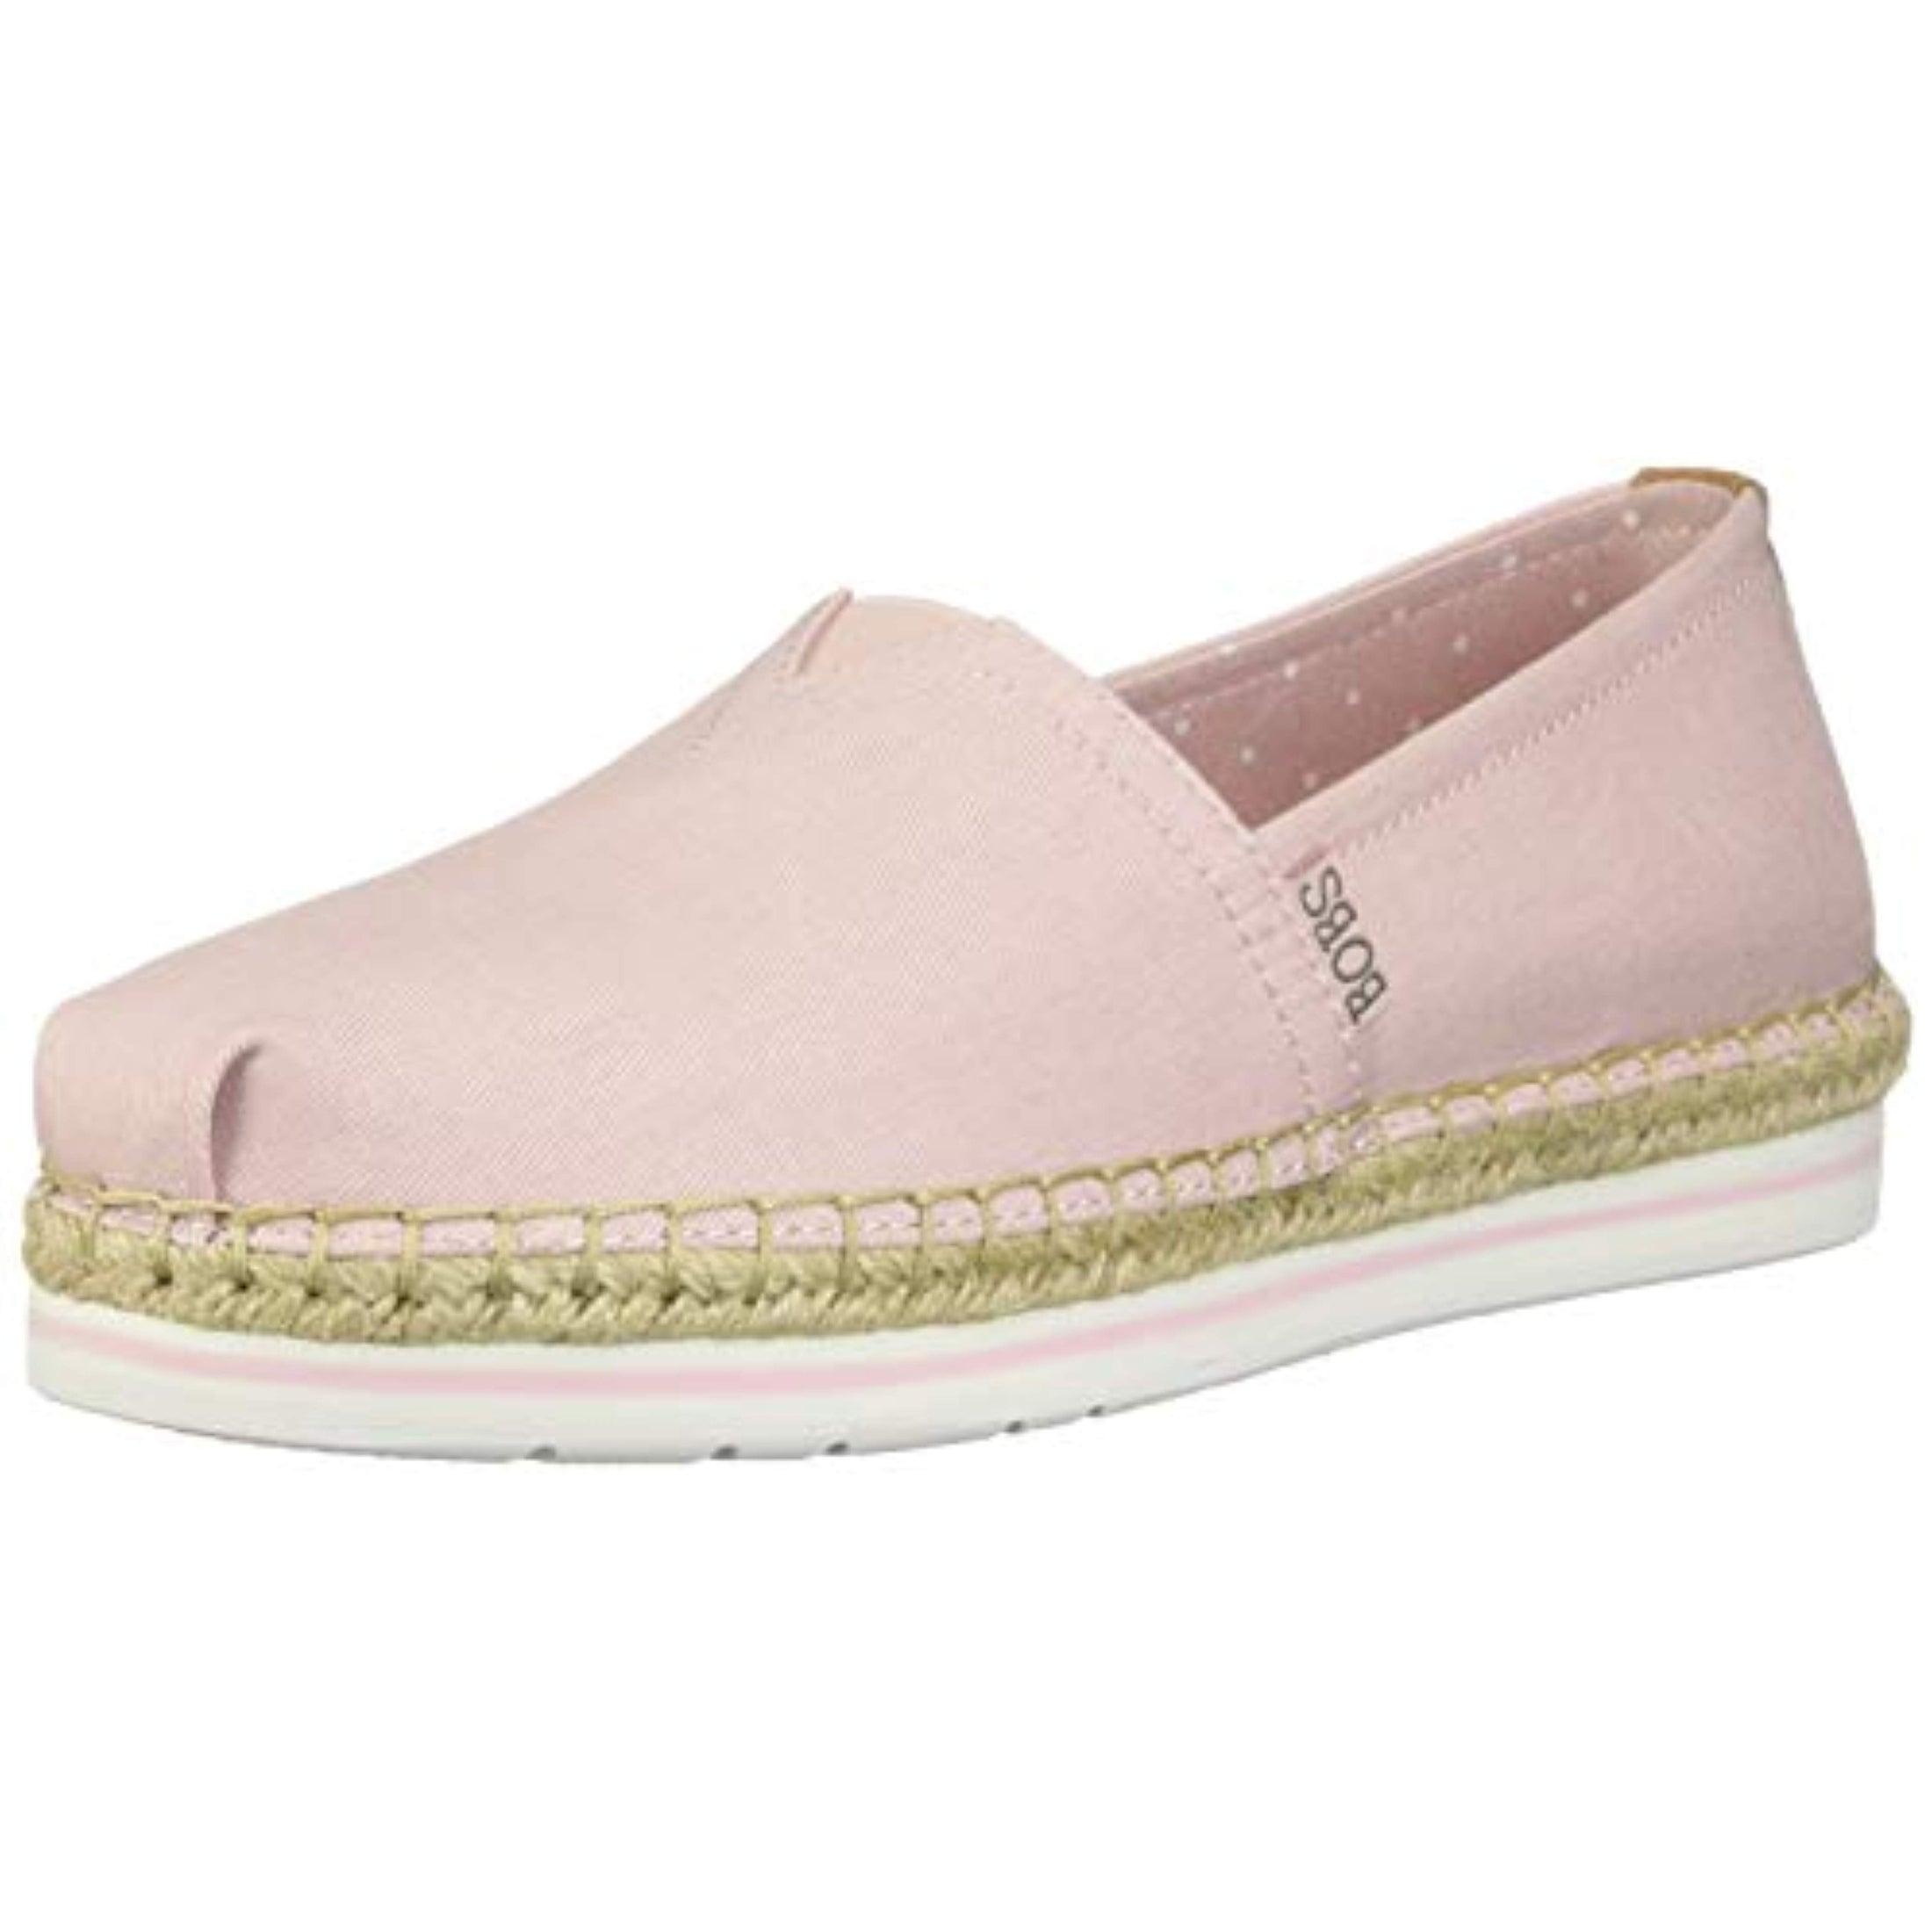 Flats Light Pink 6.5